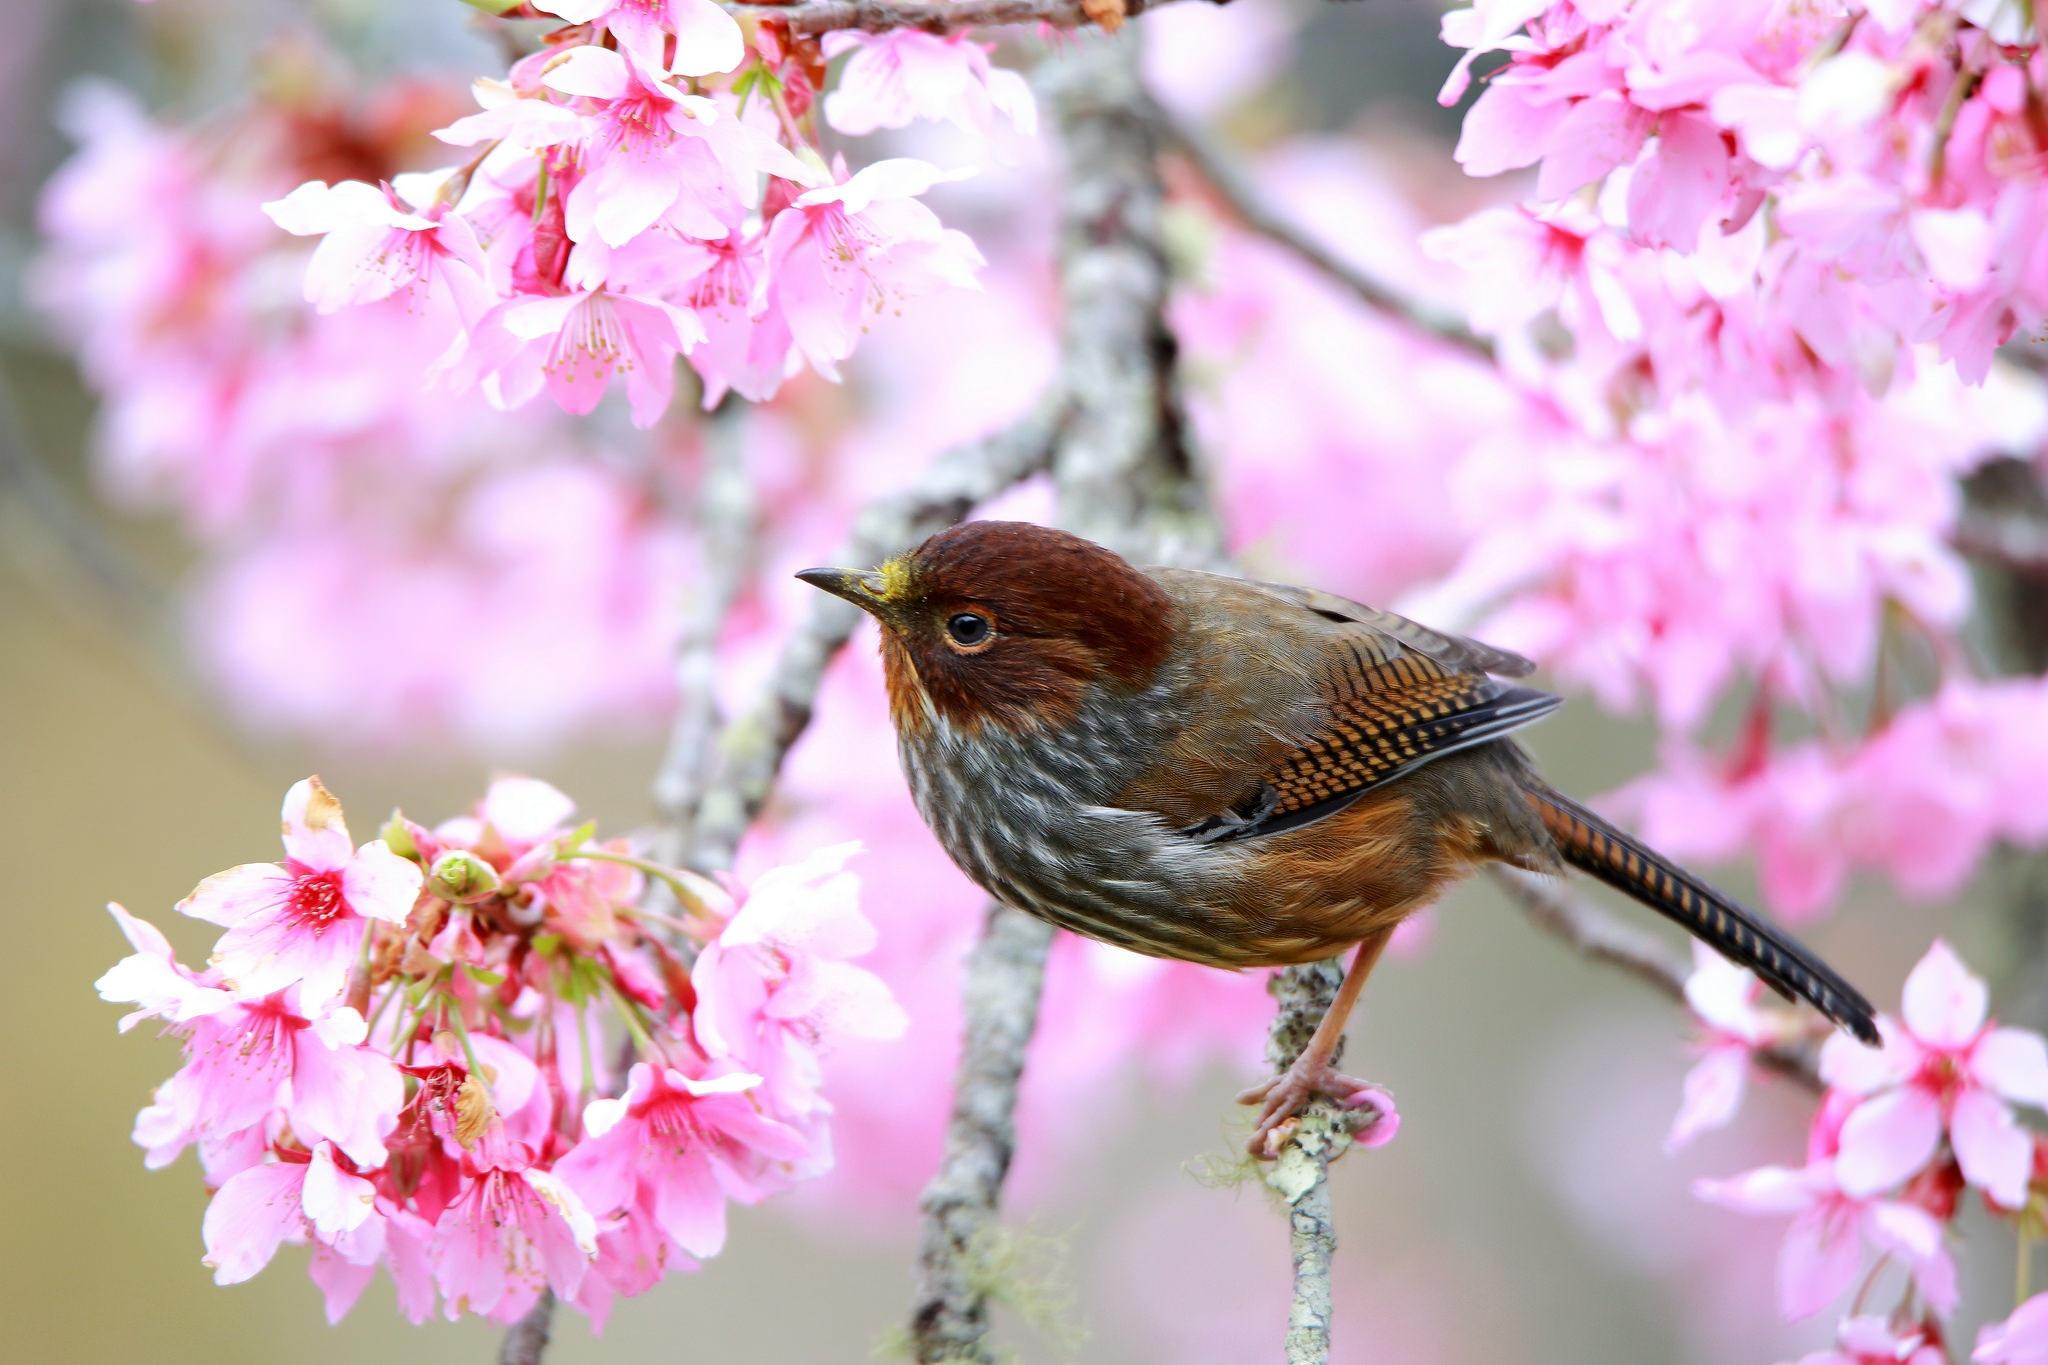 природа птицы животные весна  № 290805 загрузить